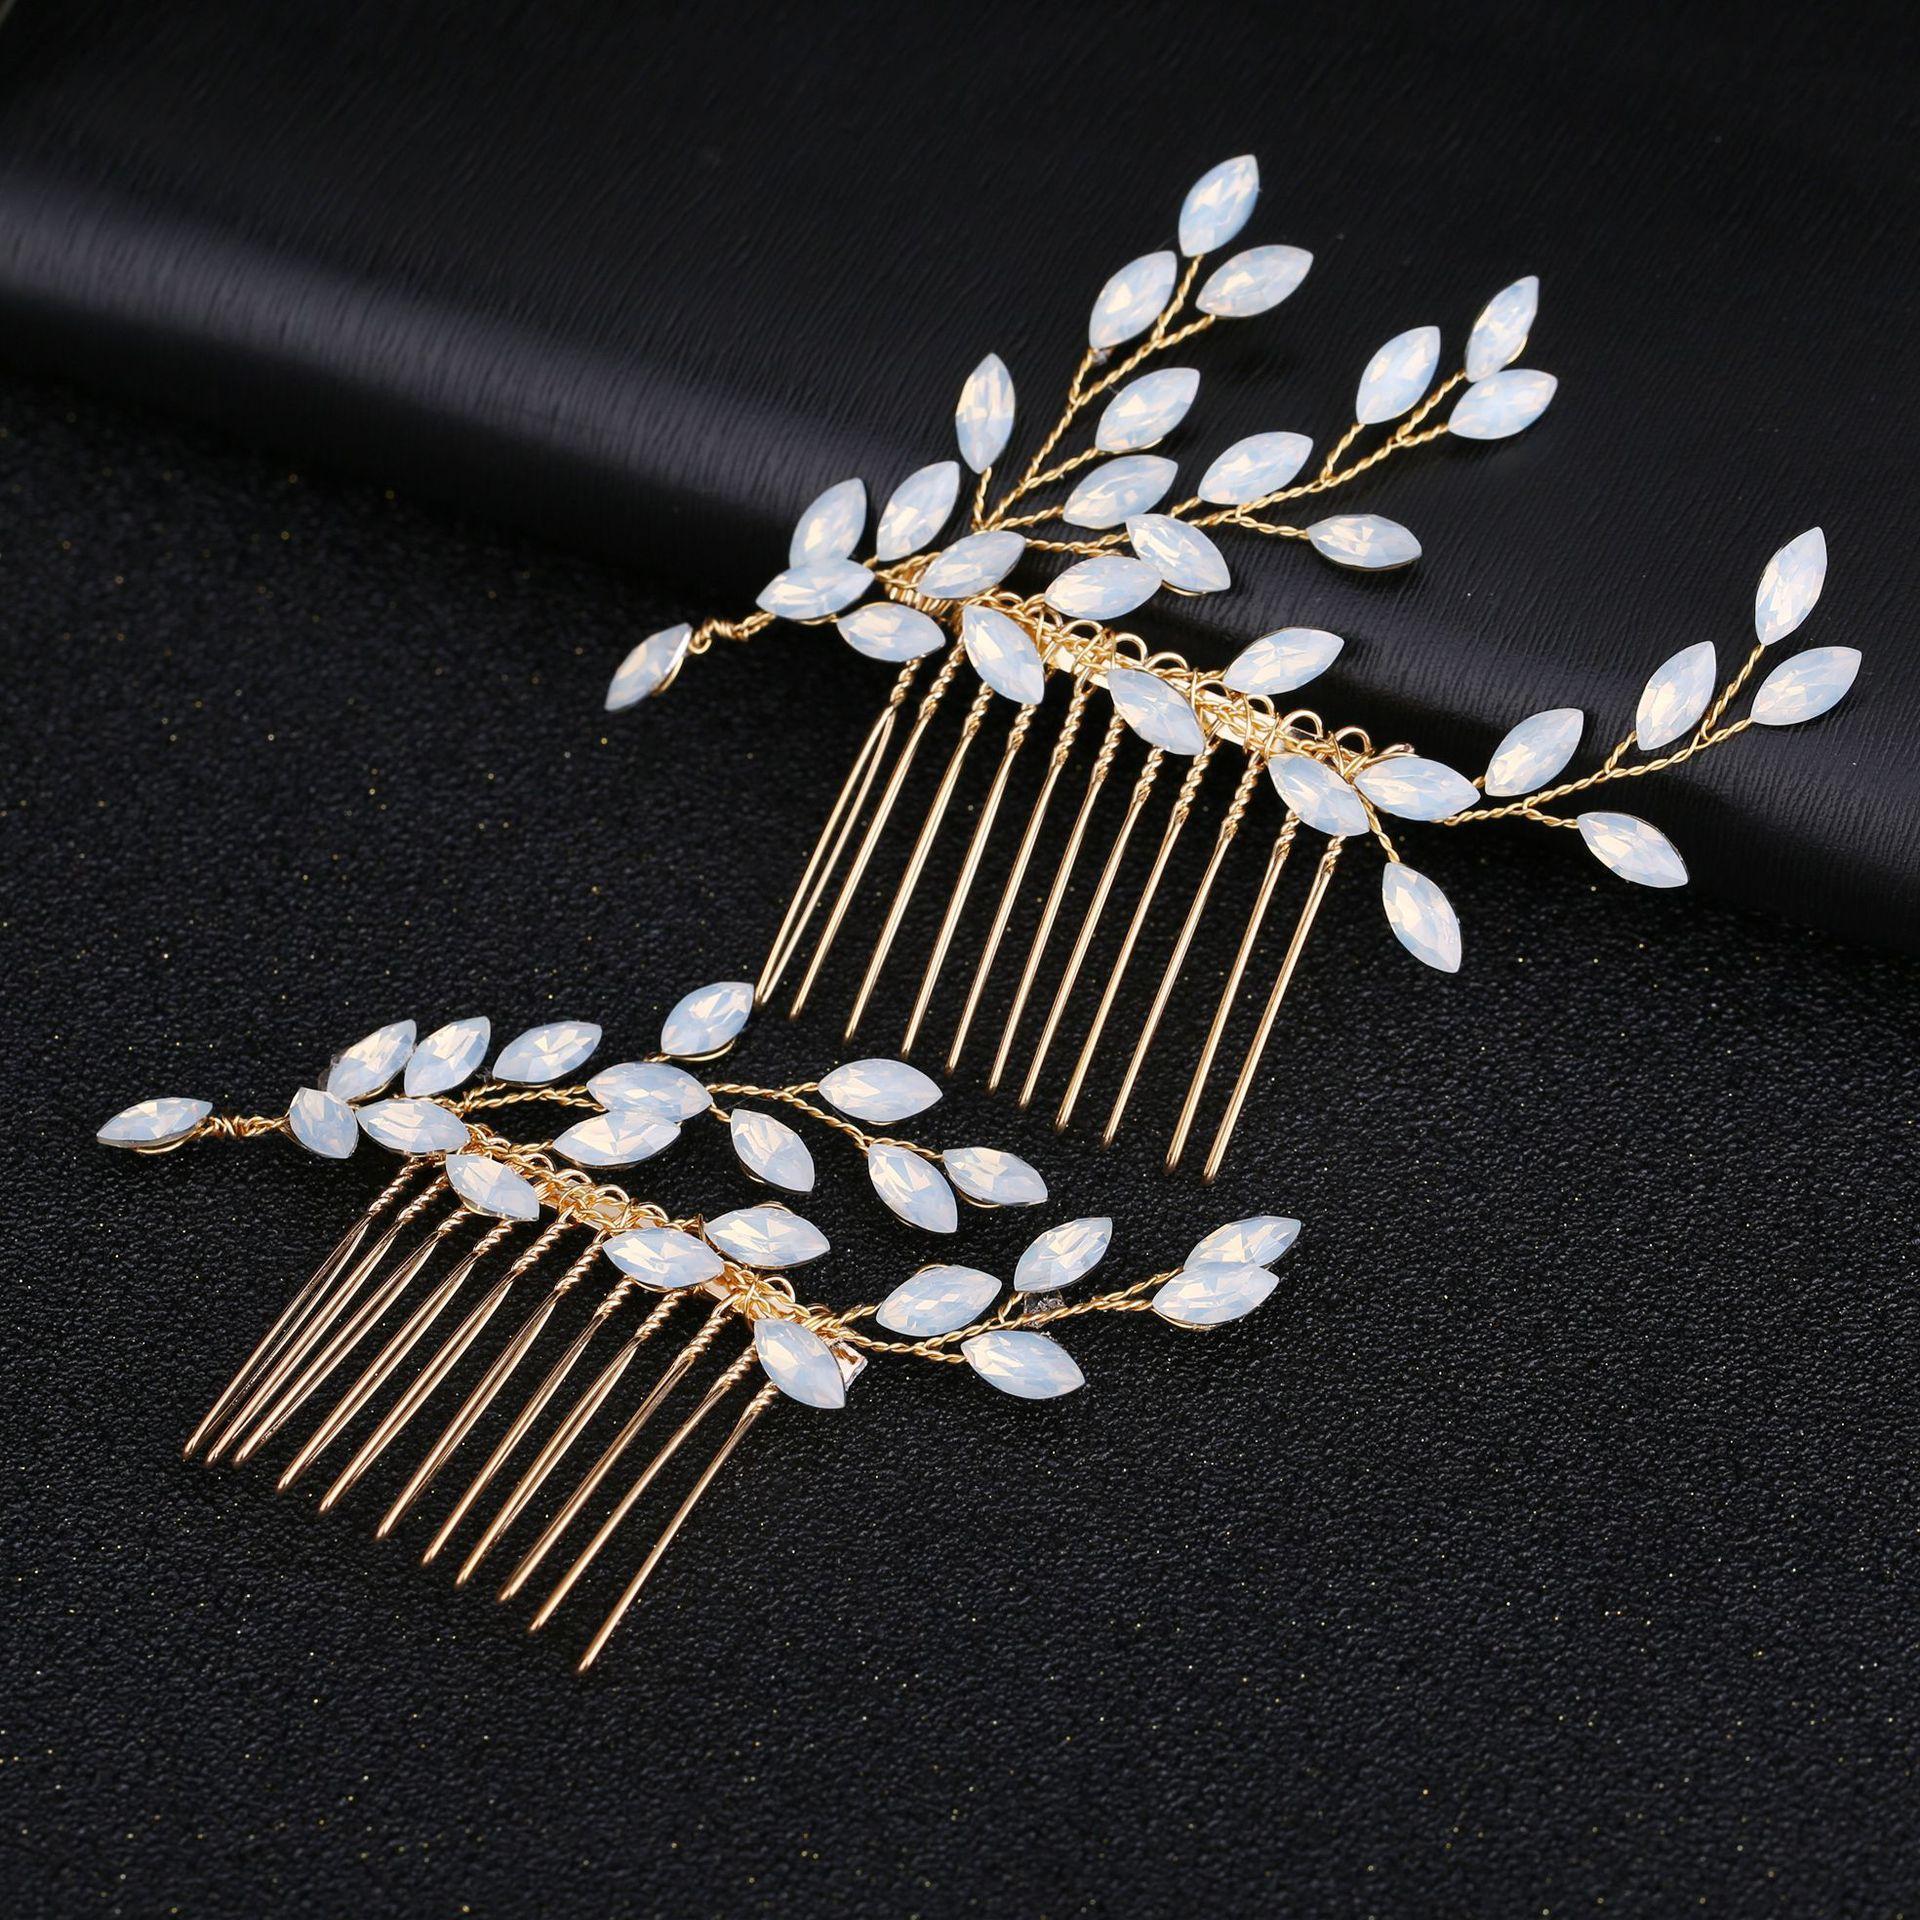 Горячая новинка, Опаловая Свадебная расческа для волос с листьями и кристаллами, простой свадебный головной убор для свадебной вечеринки - Цвет: 1